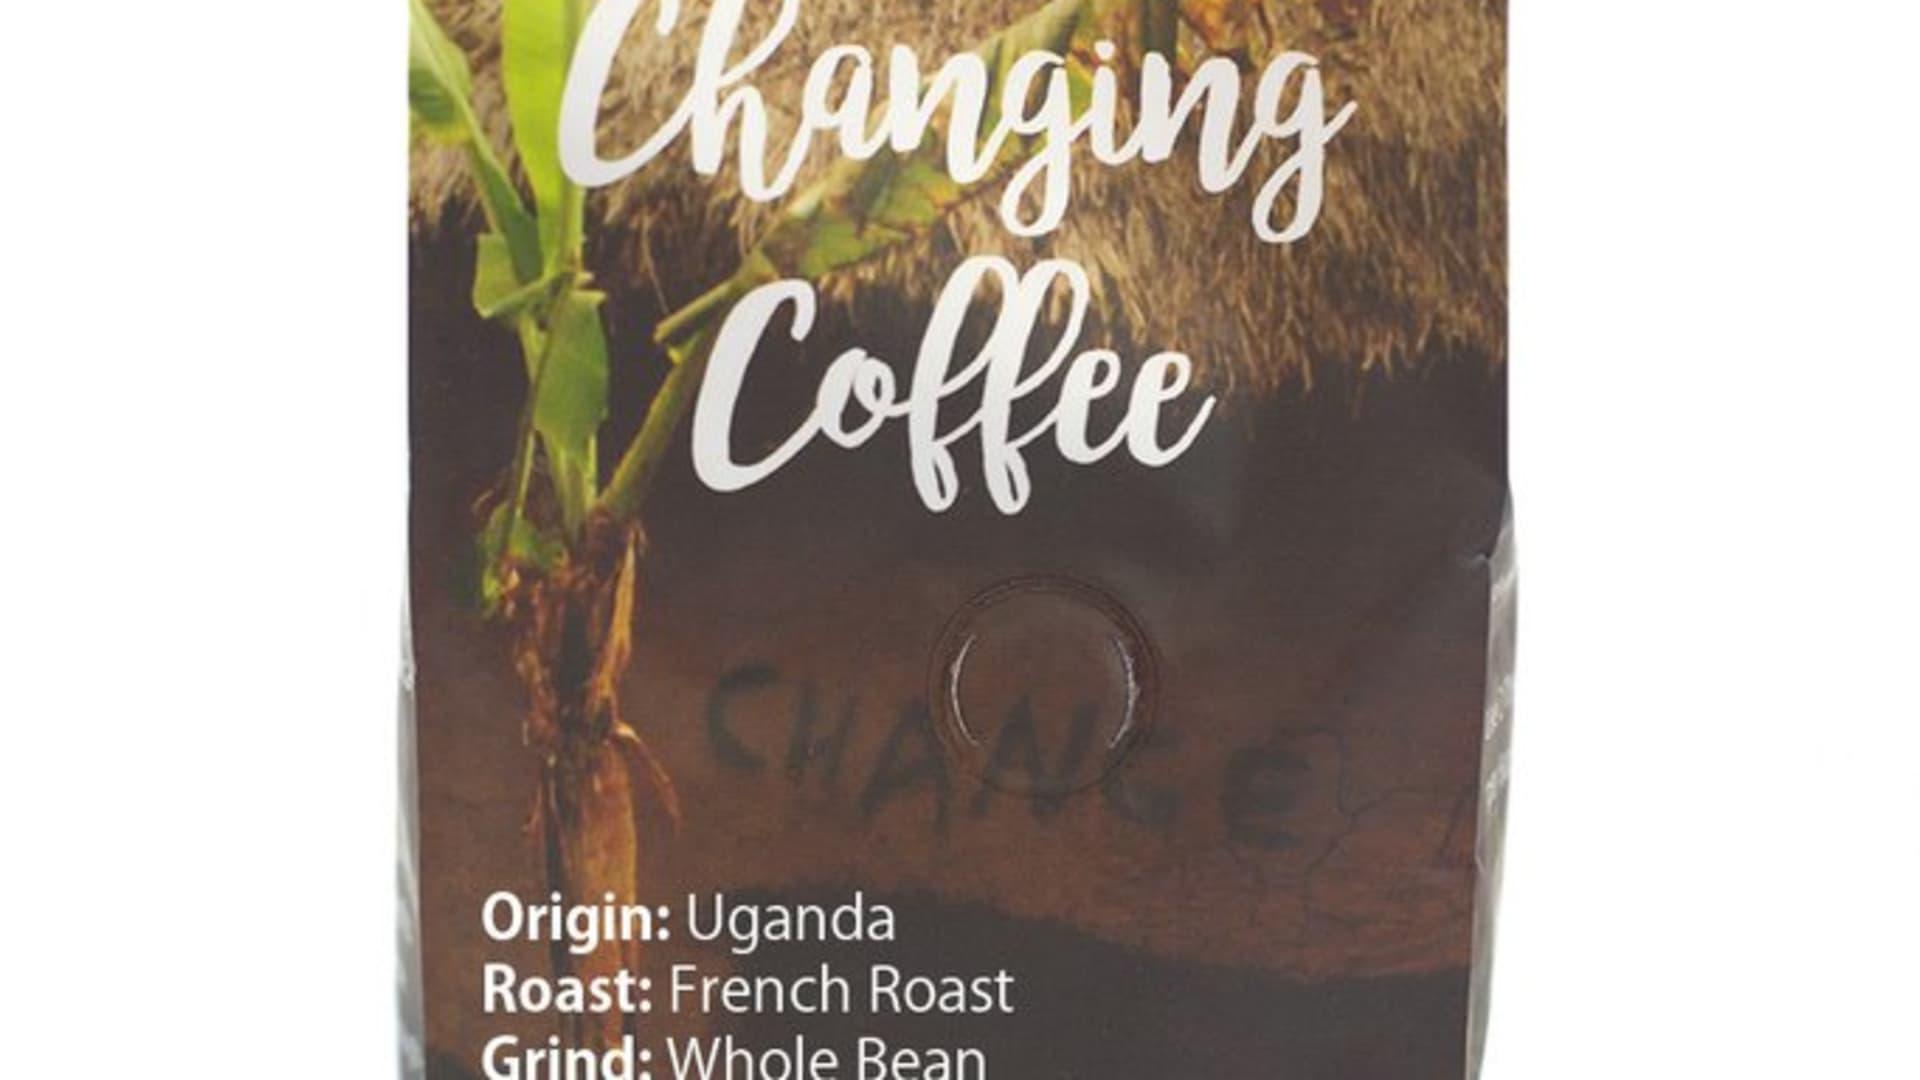 Uganda Bugisu Coffee